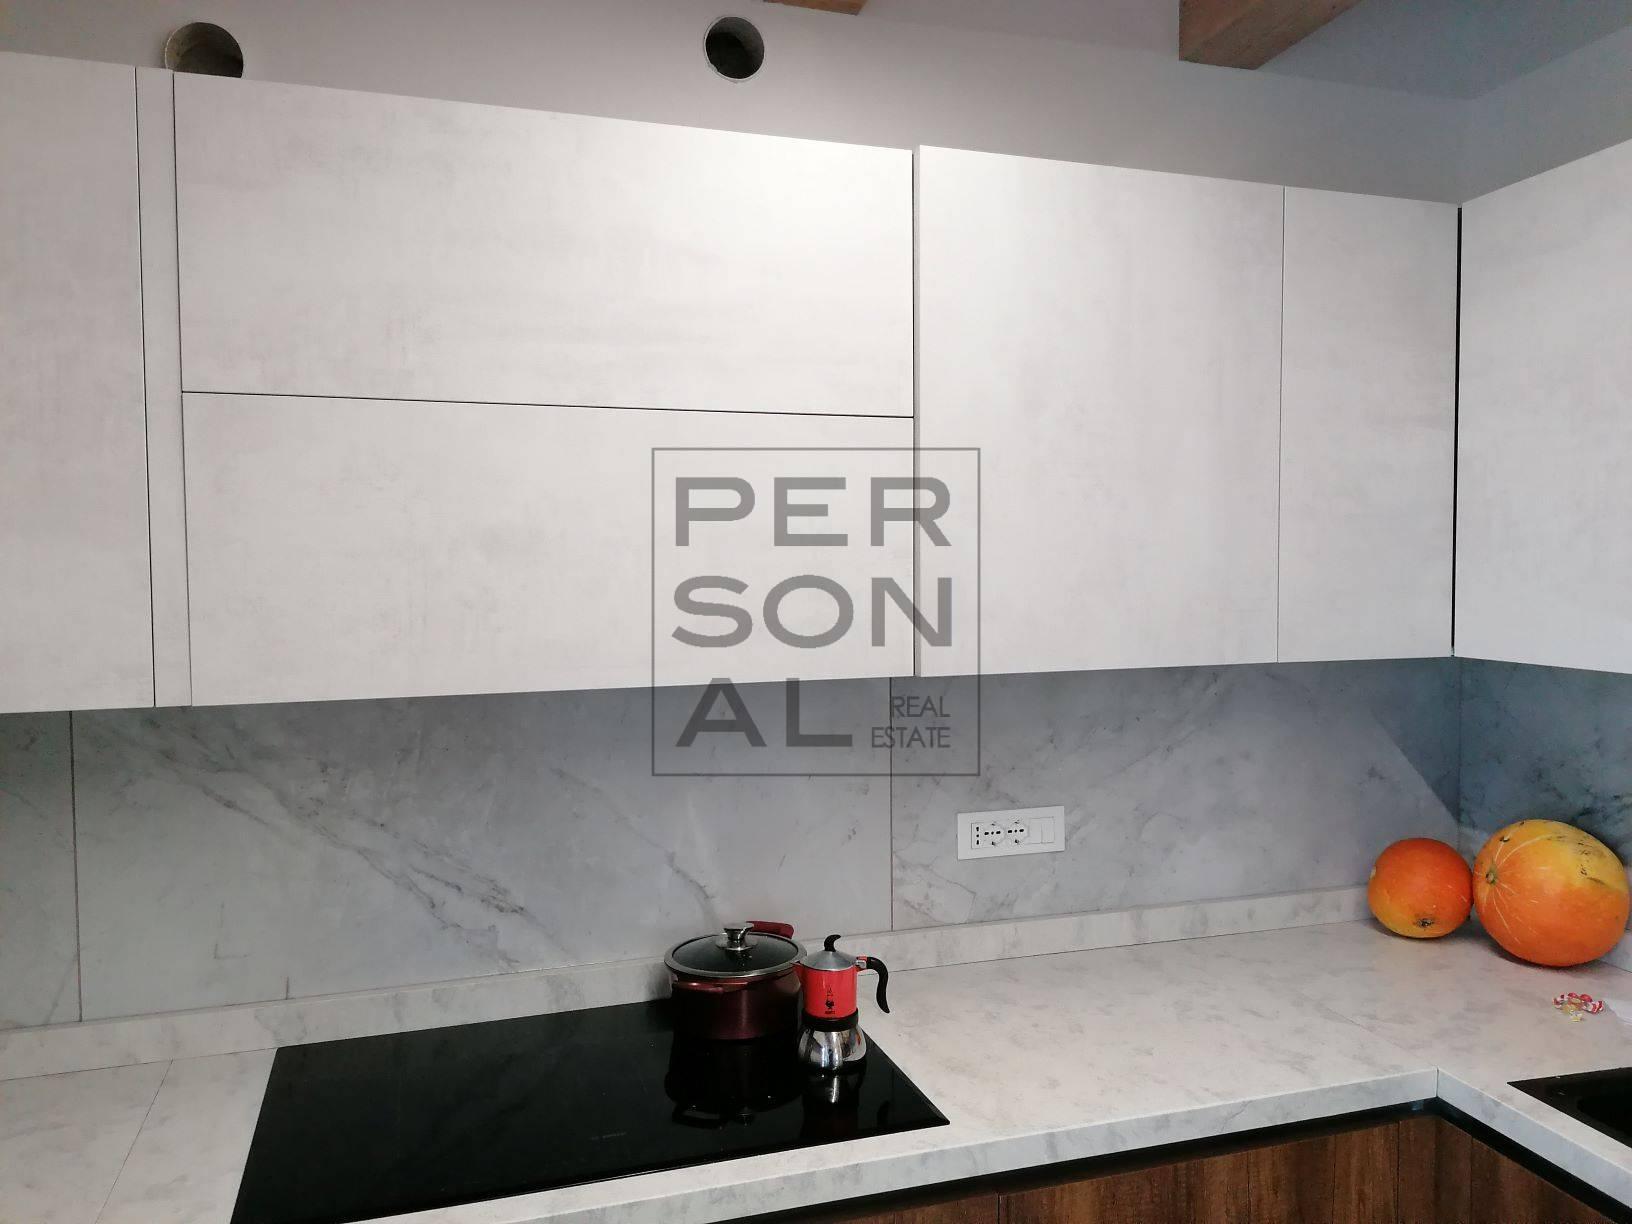 Foto casa indipendente in vendita a Vallelaghi (Trento)